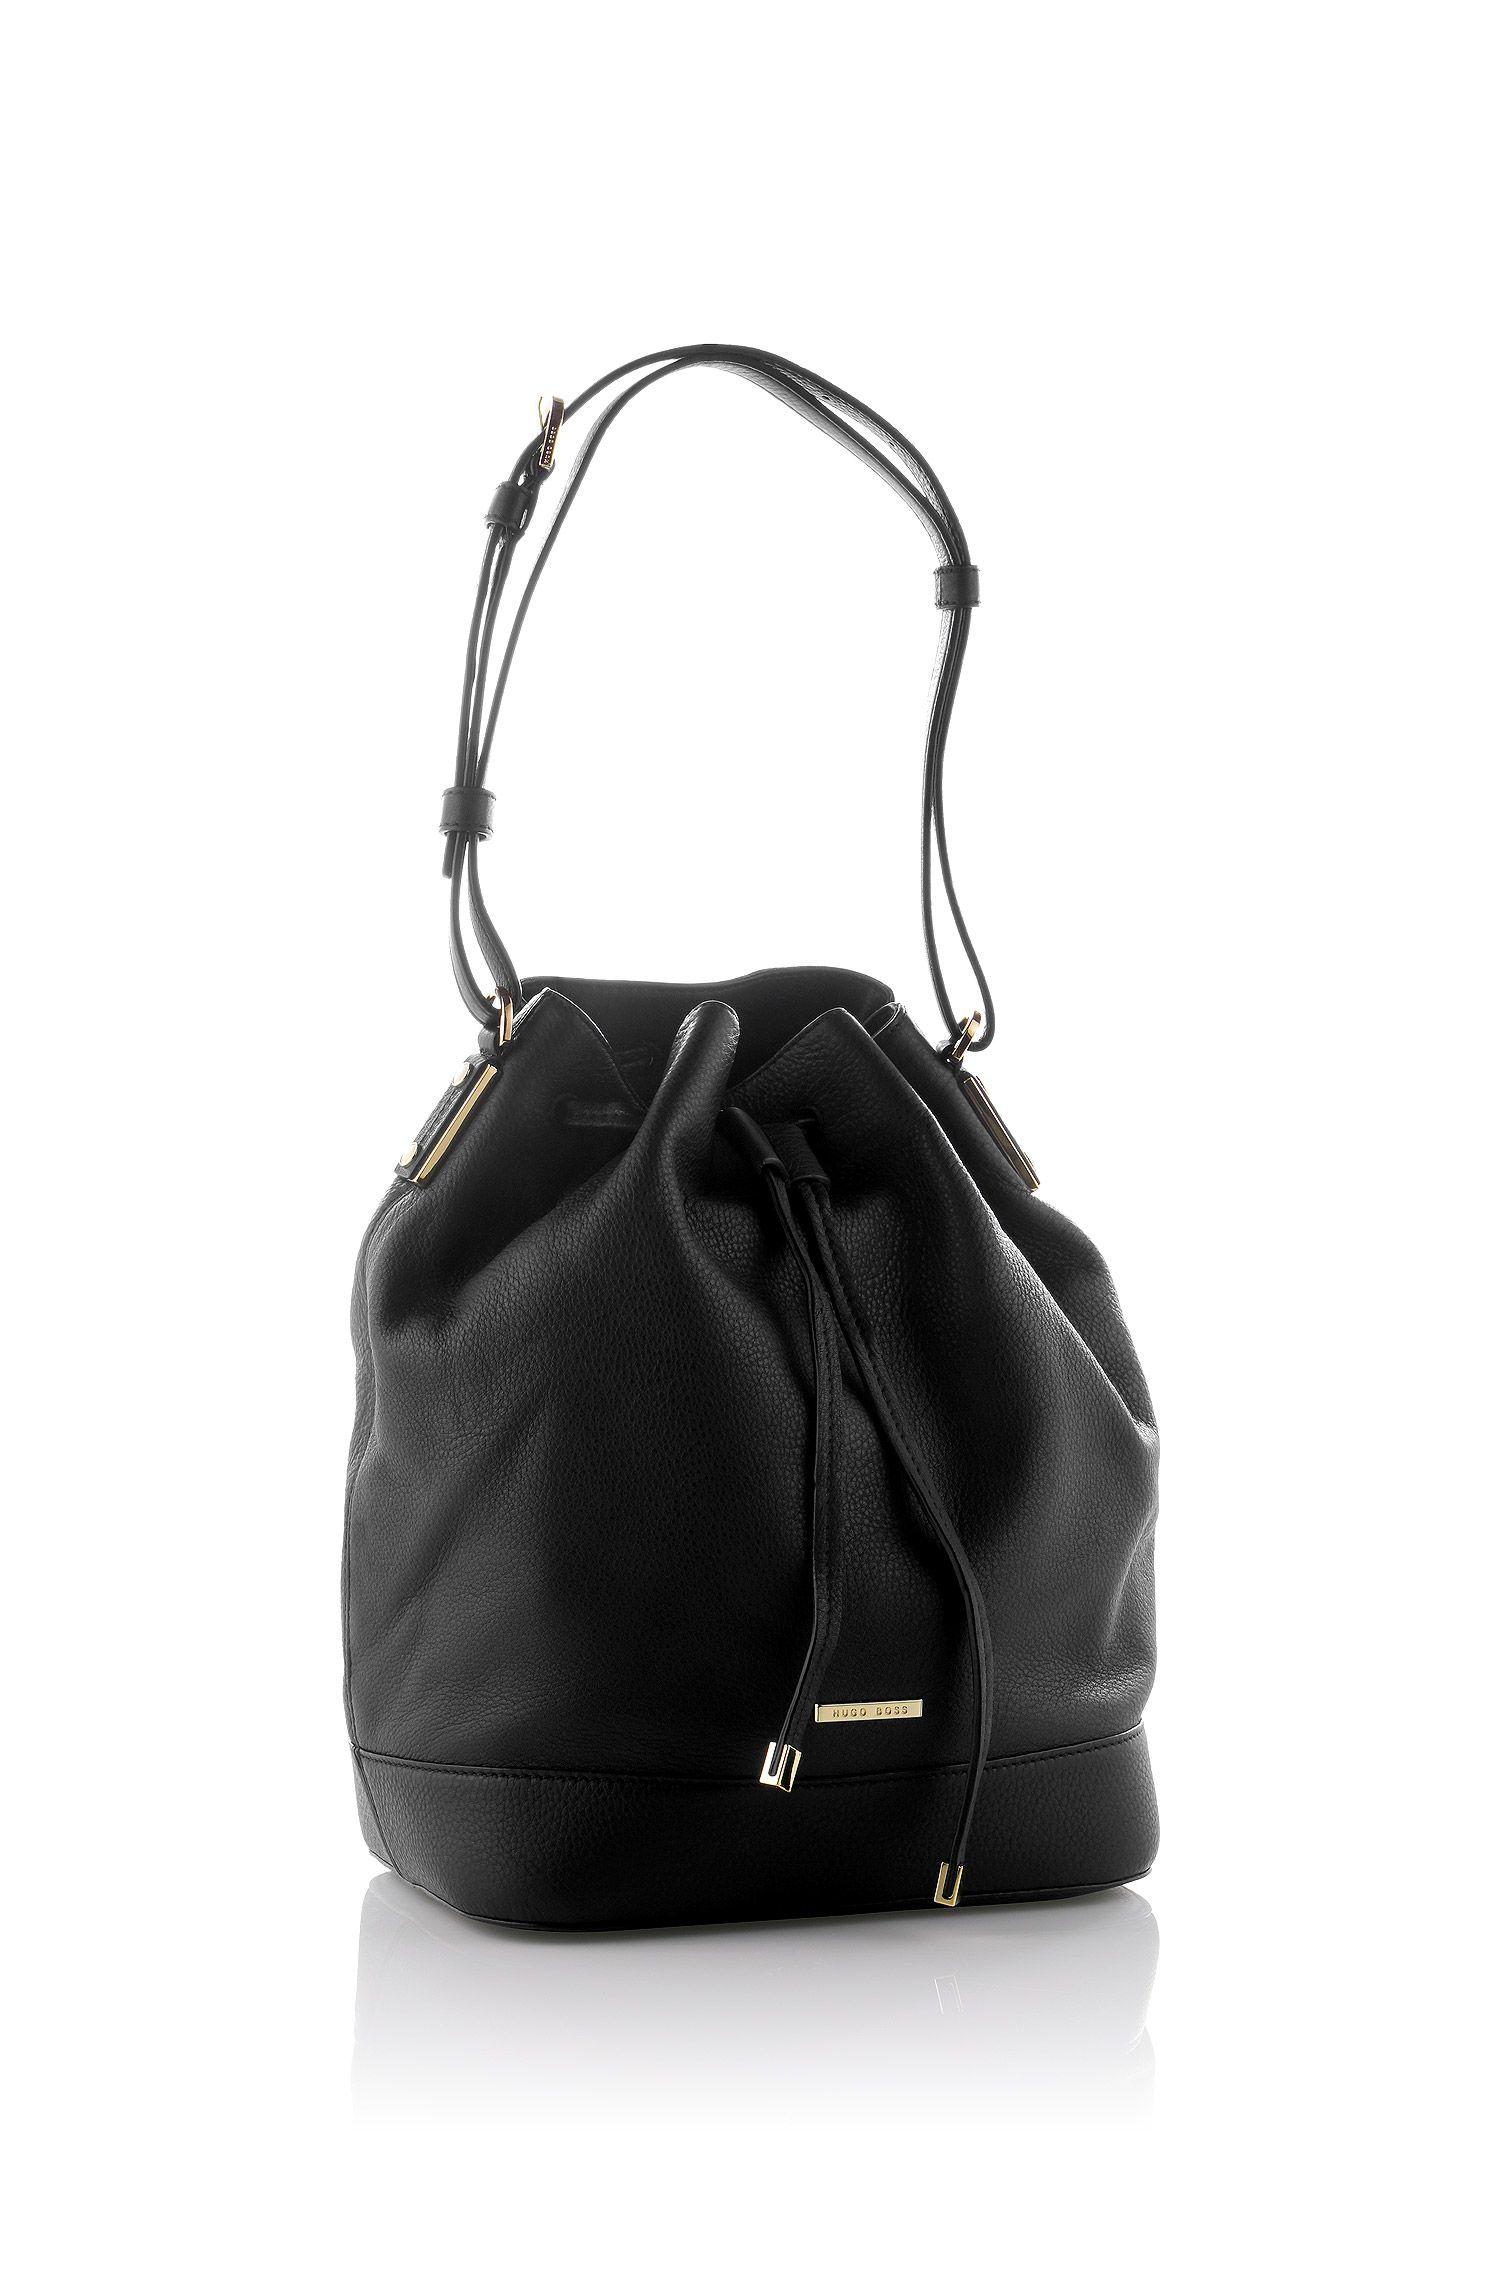 Drawstring bag 'Malinda-G' in leather